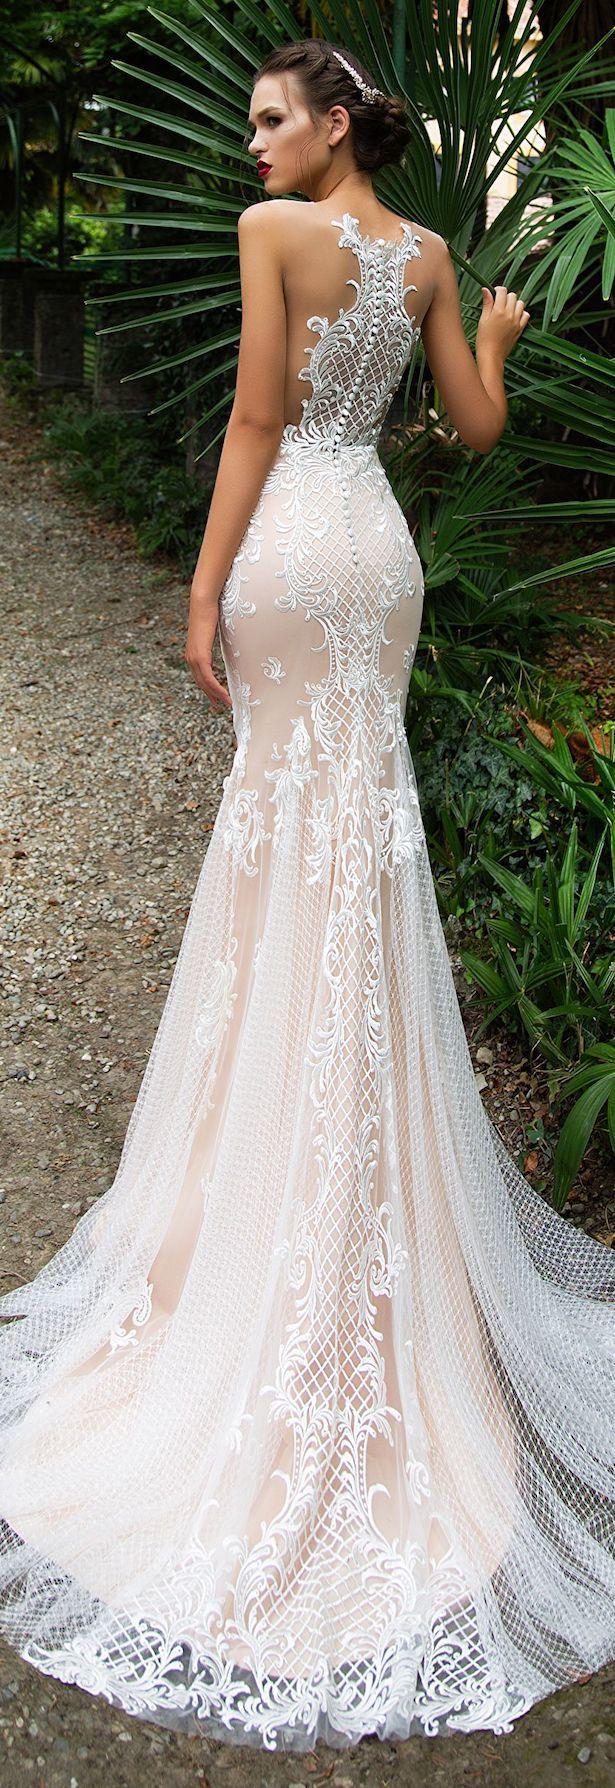 Wedding Dress by Milla Nova White Desire 2017 Bridal Collection - Salma (sólo me gusta la espalda y la tela, no el estilo sirena)